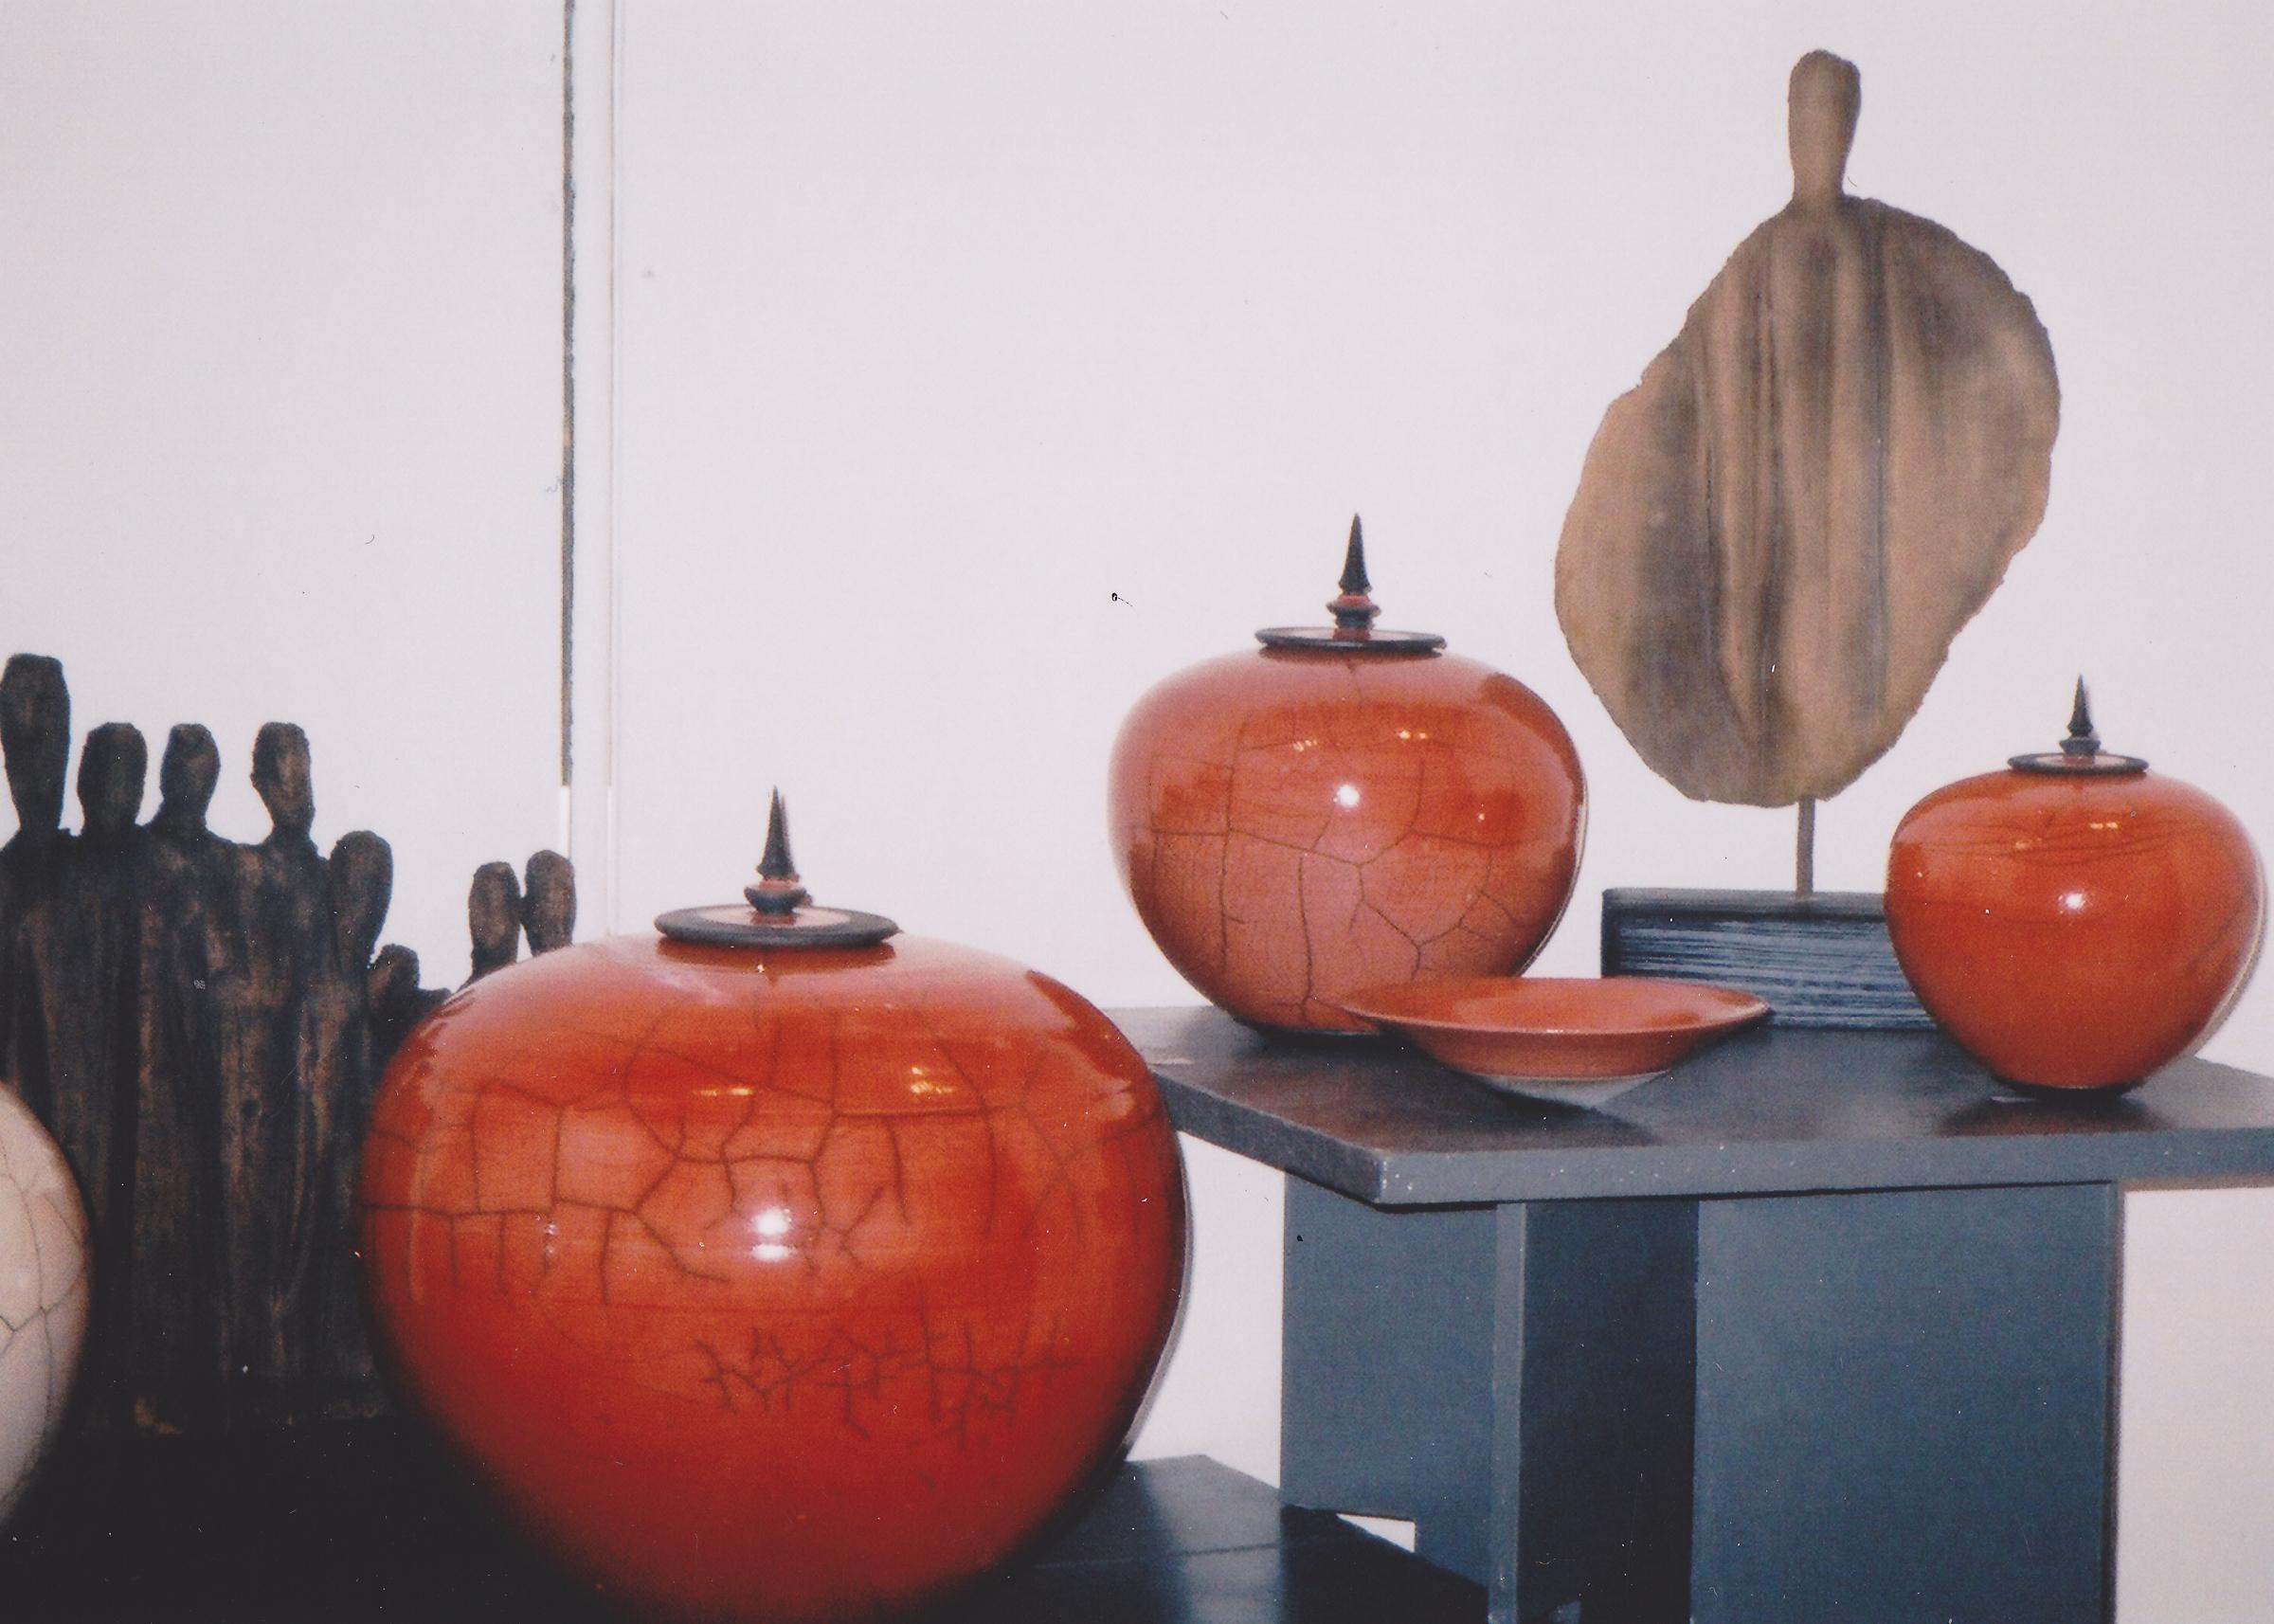 ceramique 14 caroussel copy-28.jpg